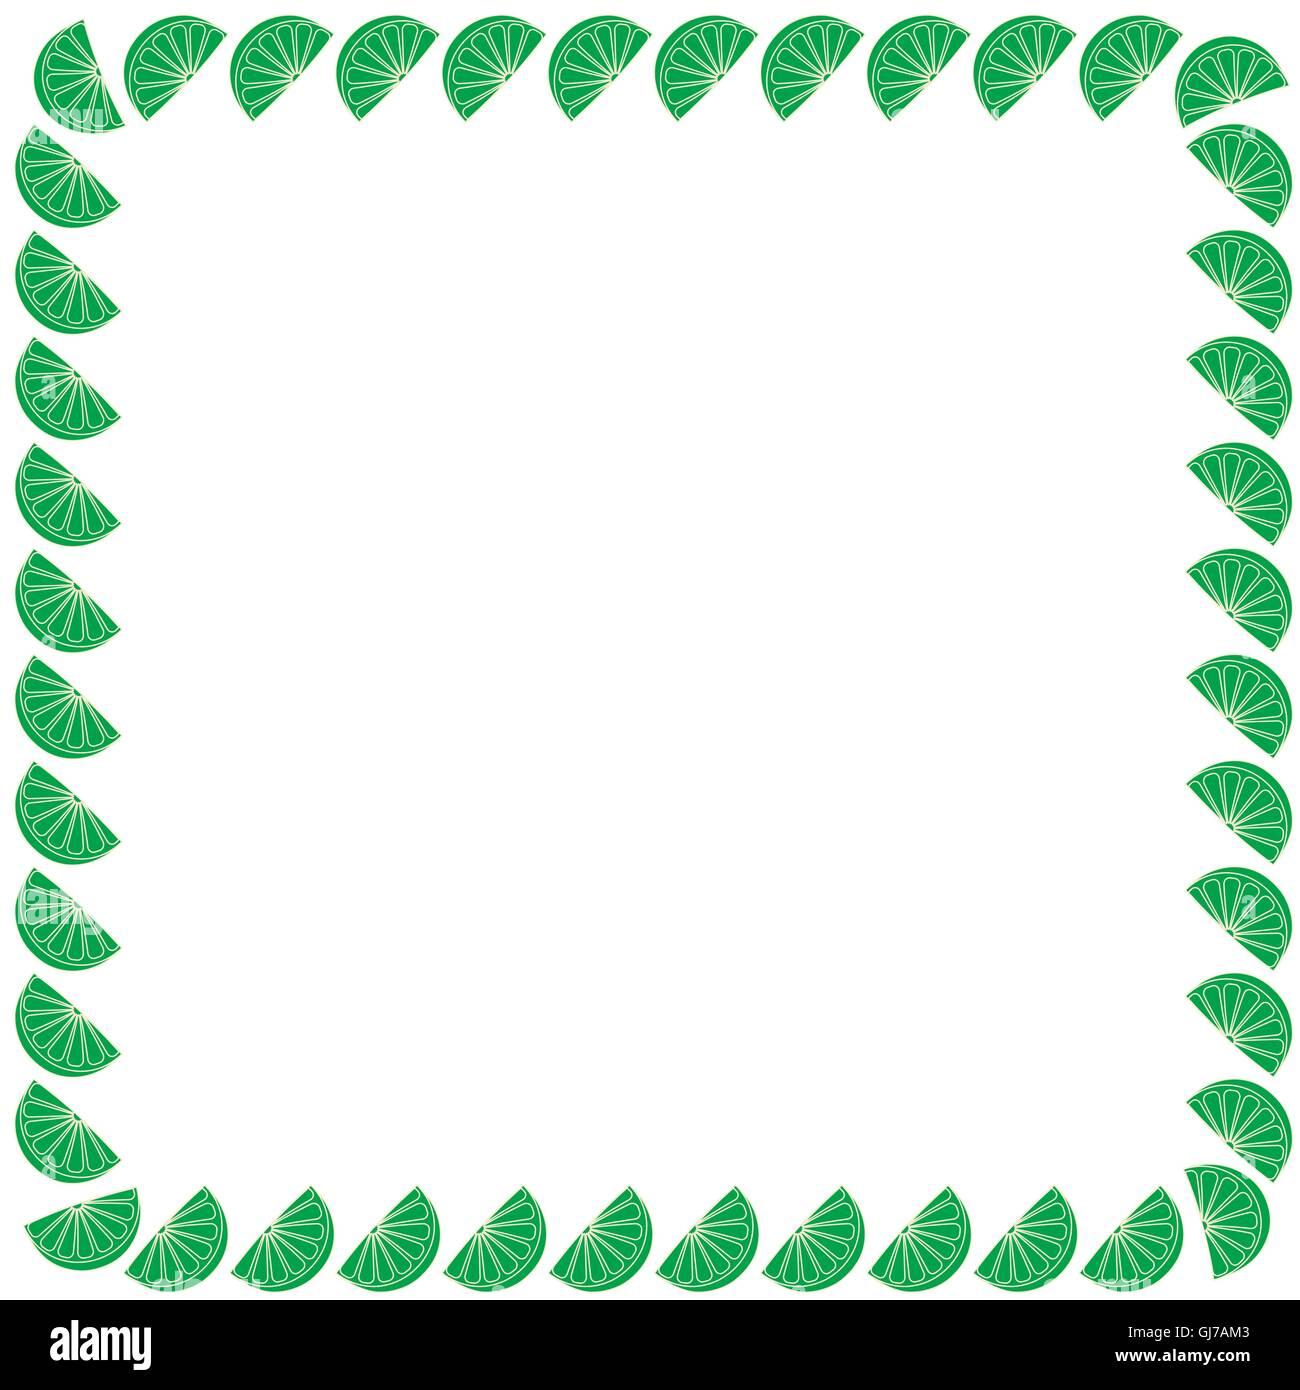 Lindo marco de rebanadas de naranjas en un cuadrado sobre un fondo blanco. Imagen De Stock